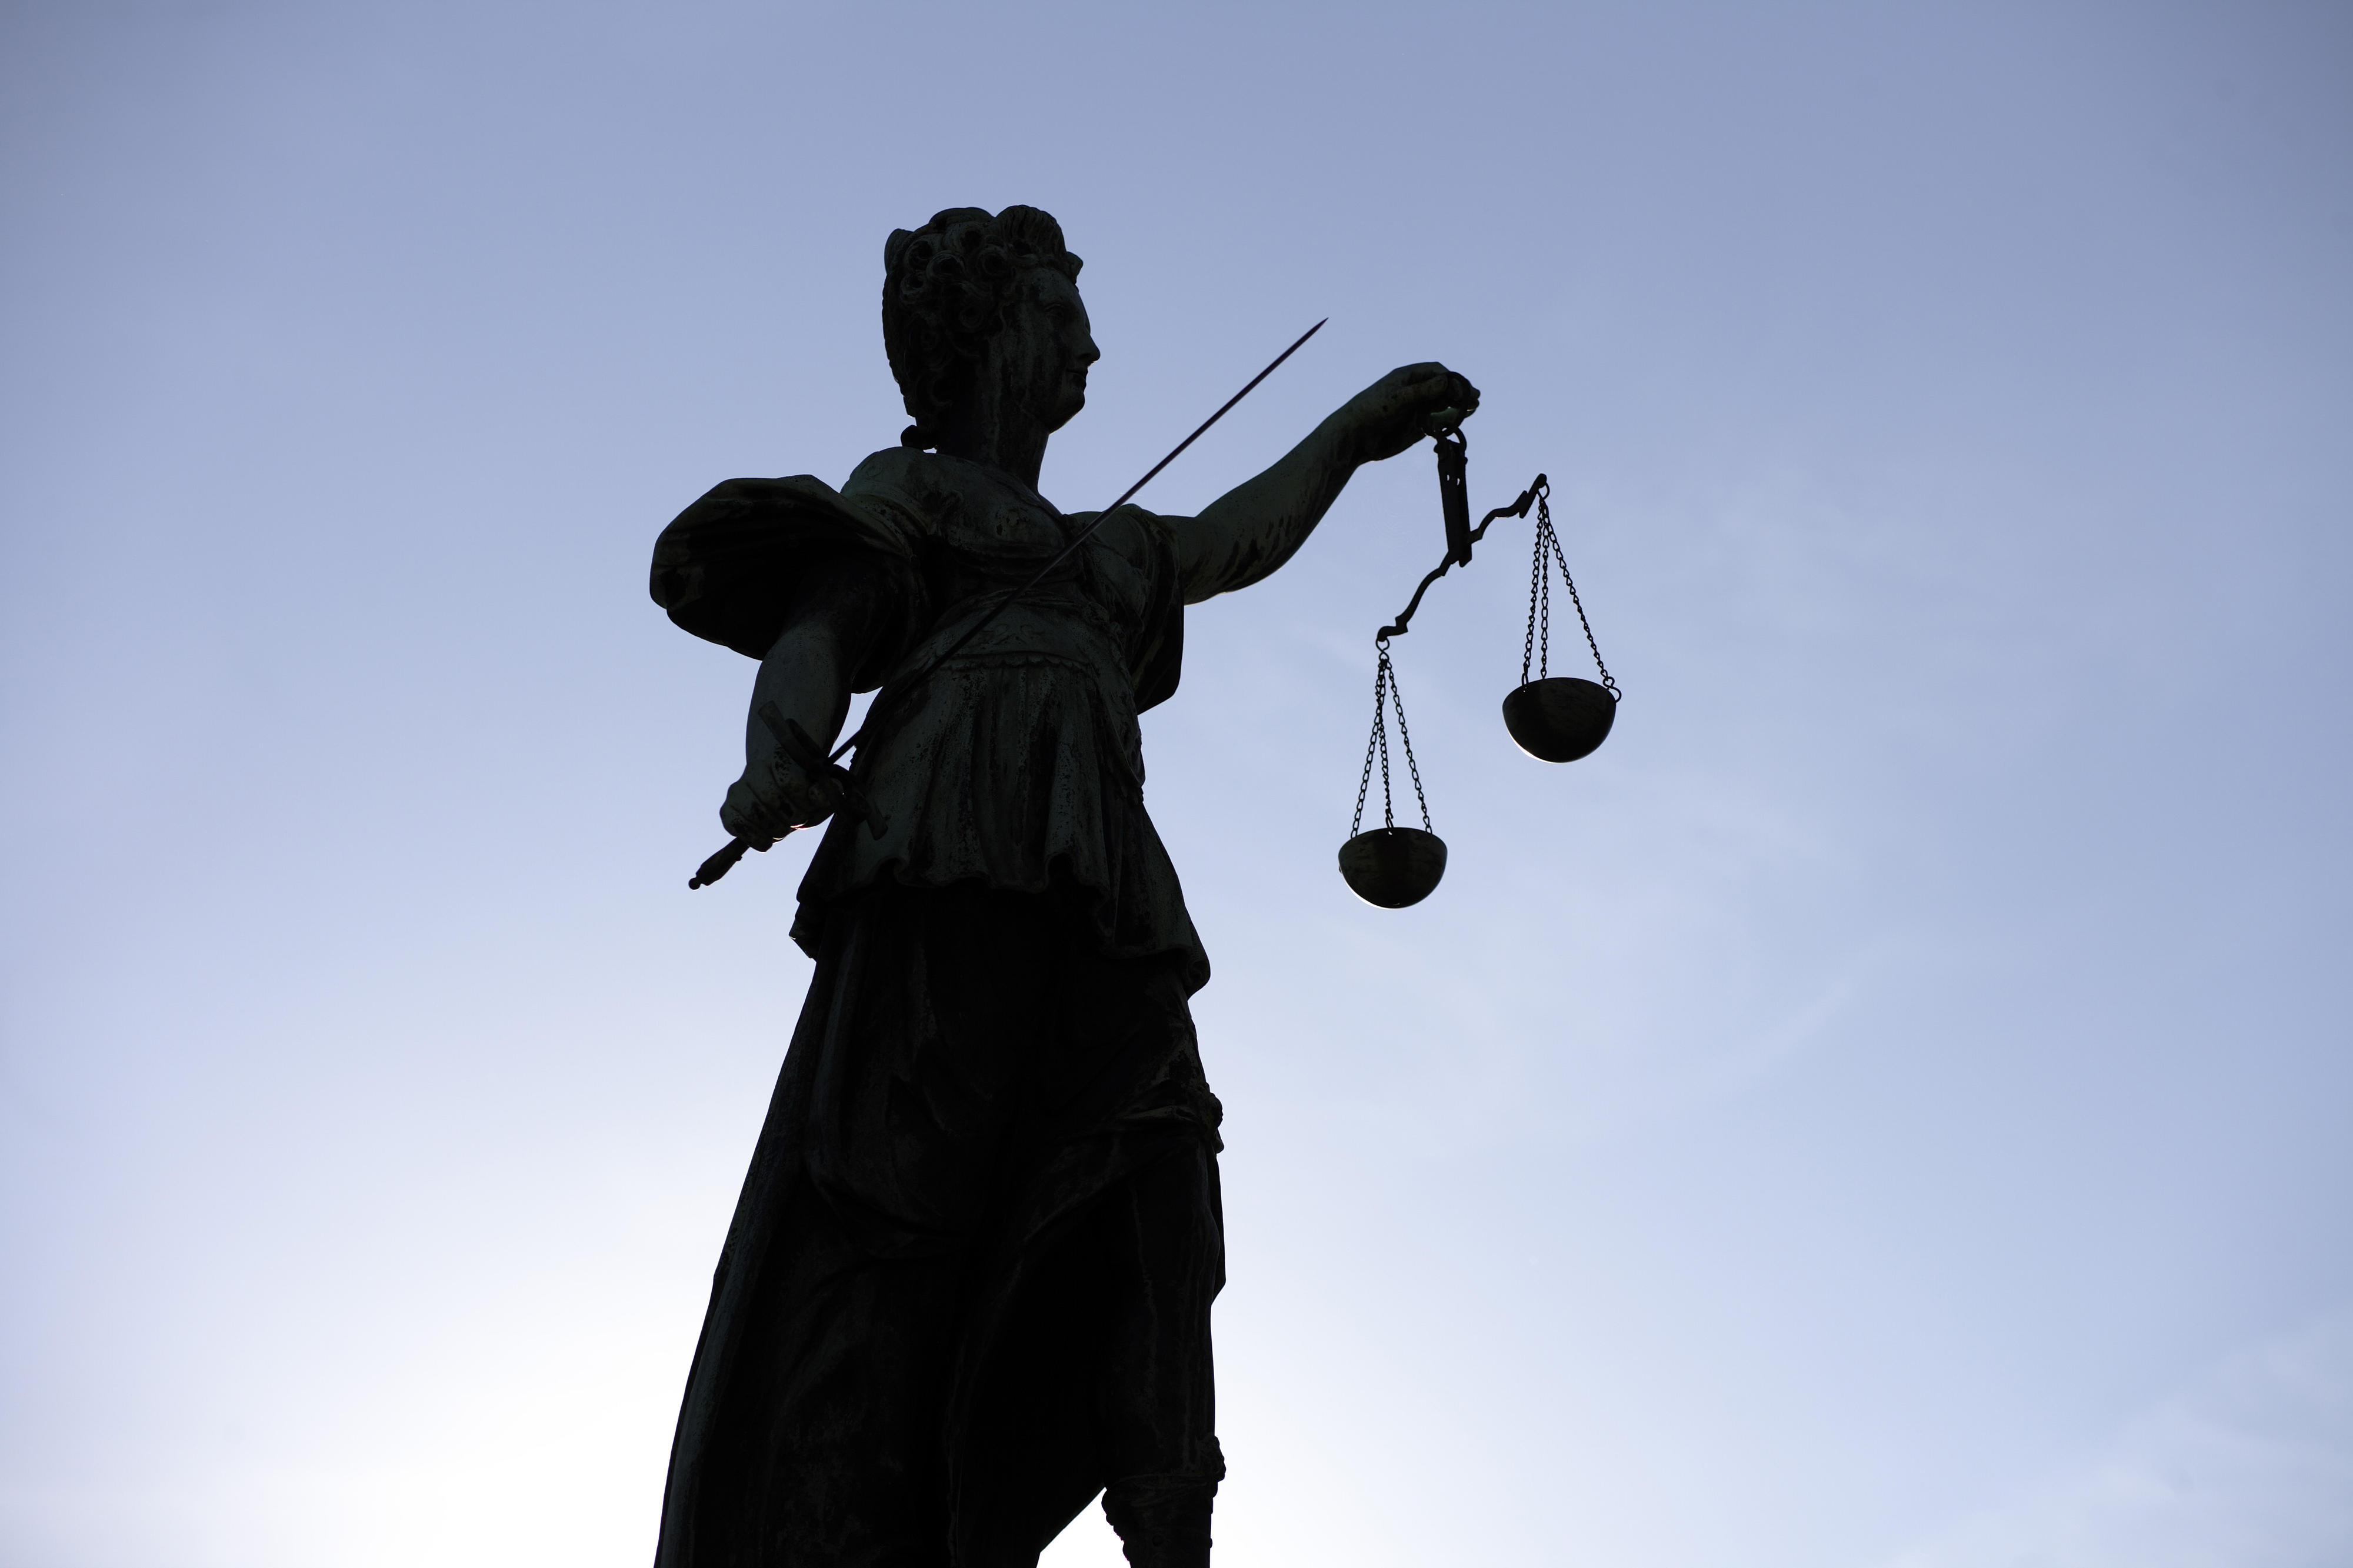 Statue der Justitia, römische Göttin der Gerechtigkeit, in Frankfurt